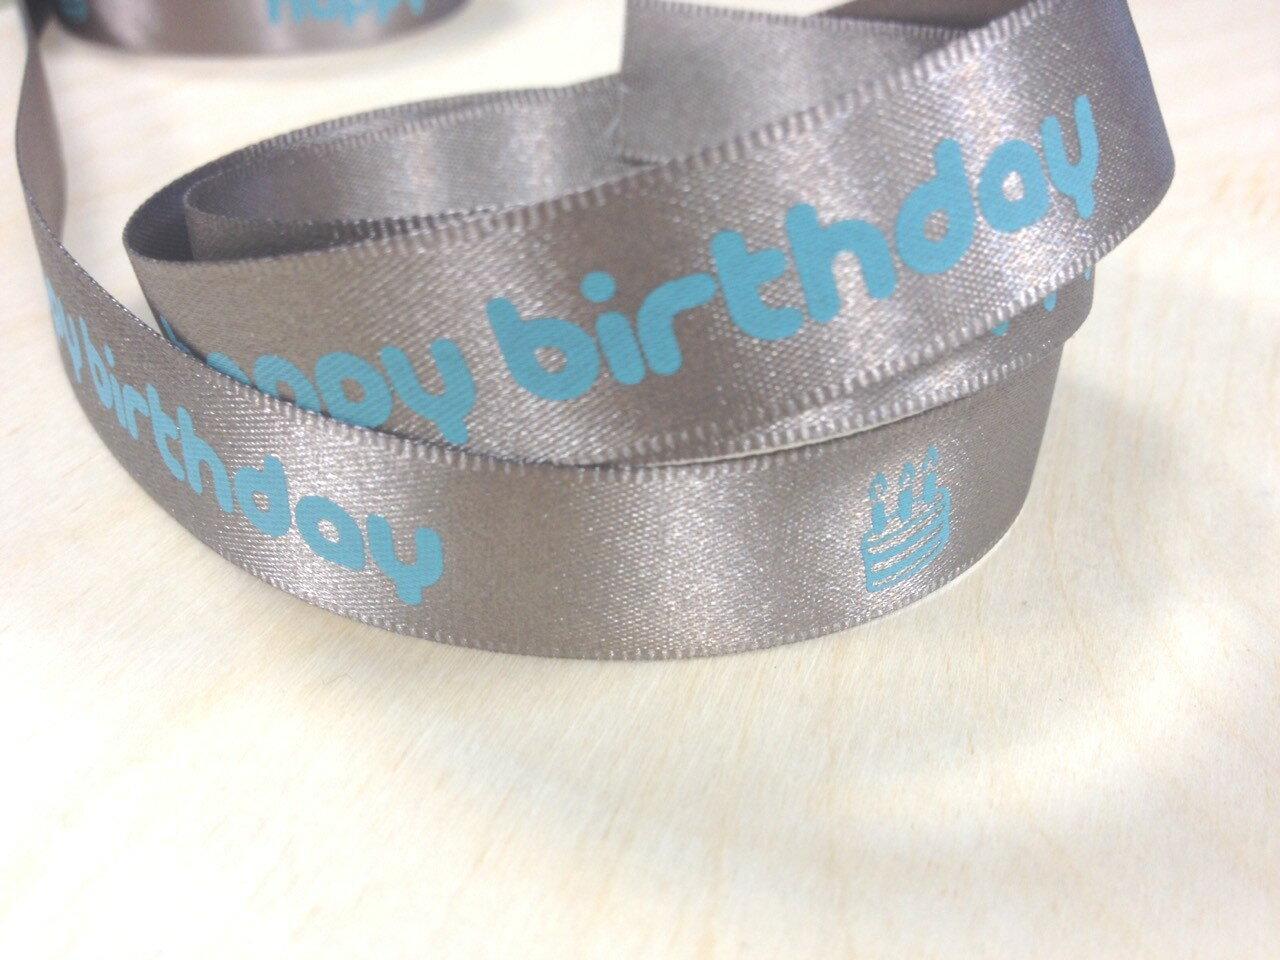 雙面緞緞帶生日快樂-許願蛋糕 15mm 3碼 (10色) 9